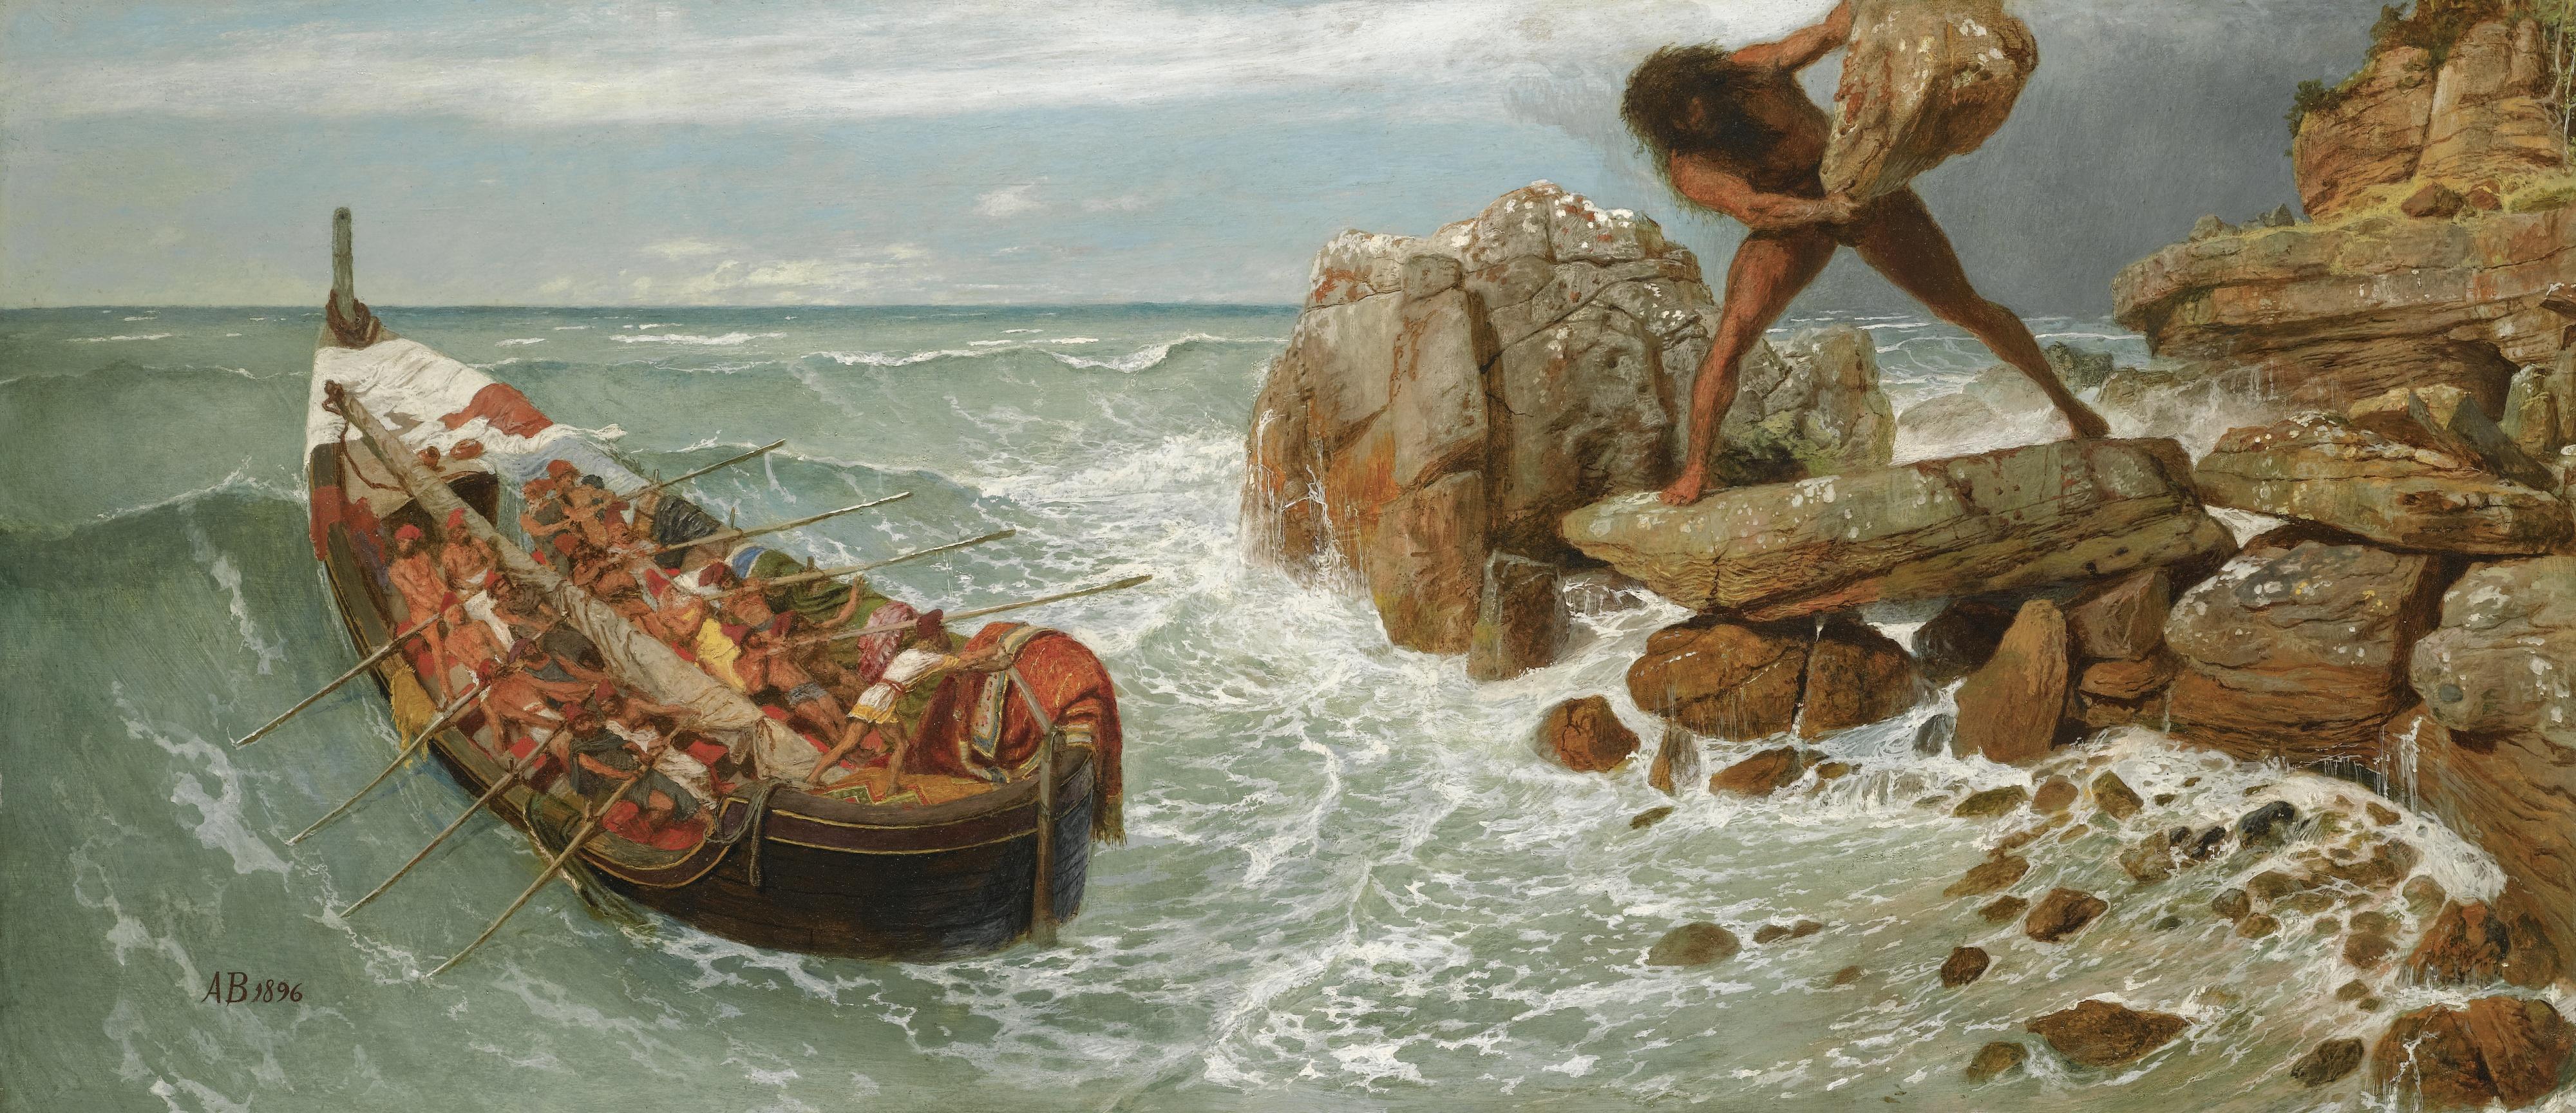 odysseus qualities essay